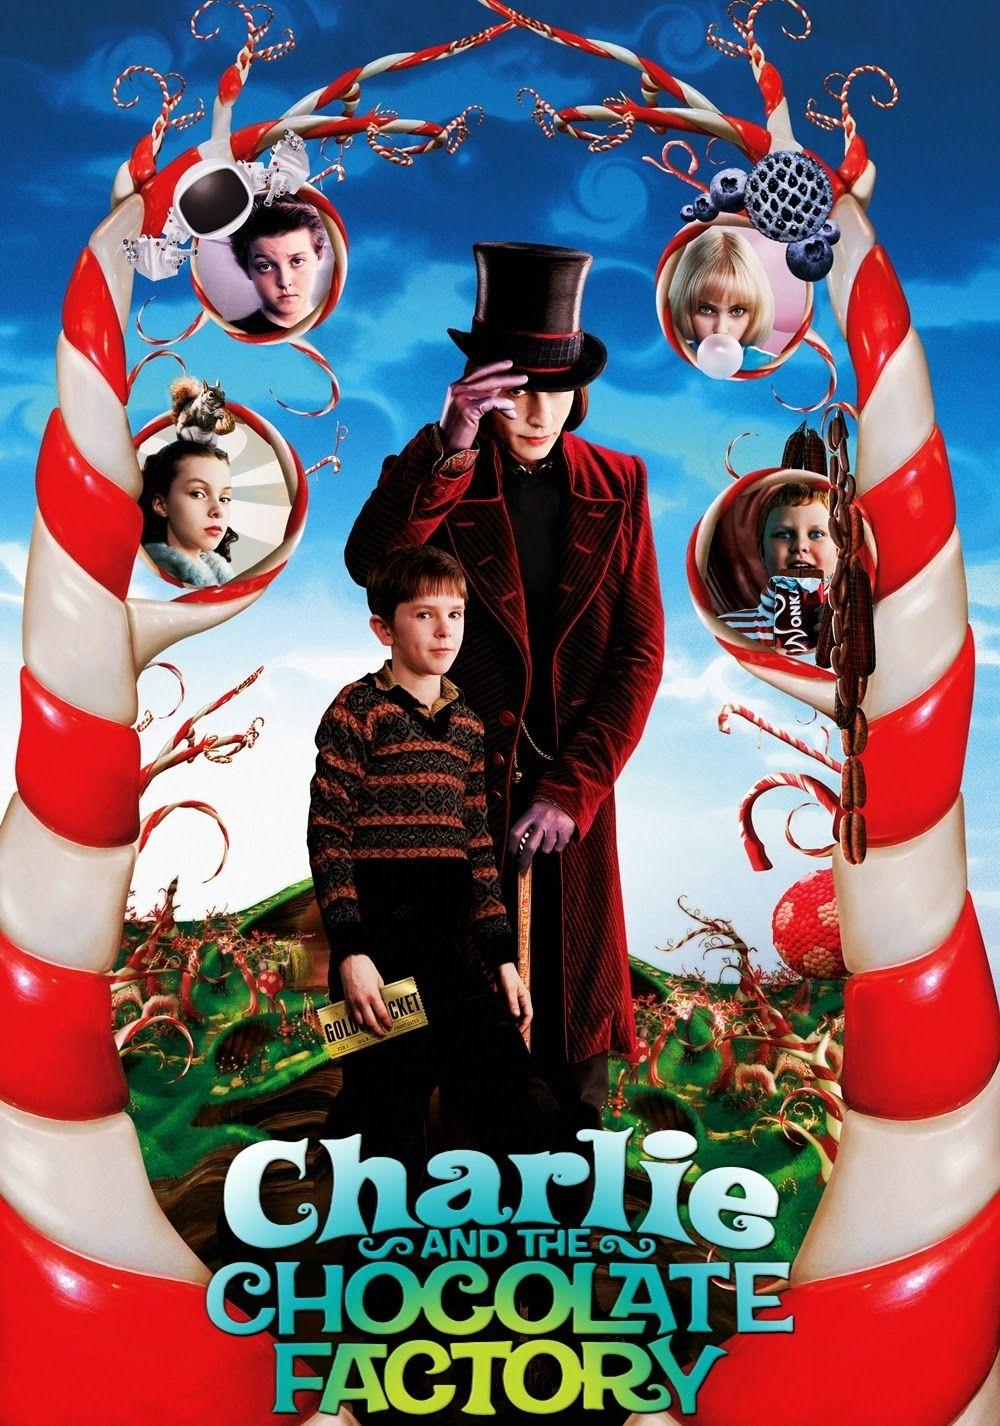 póster de la película Charlie y la fábrica de chocolate